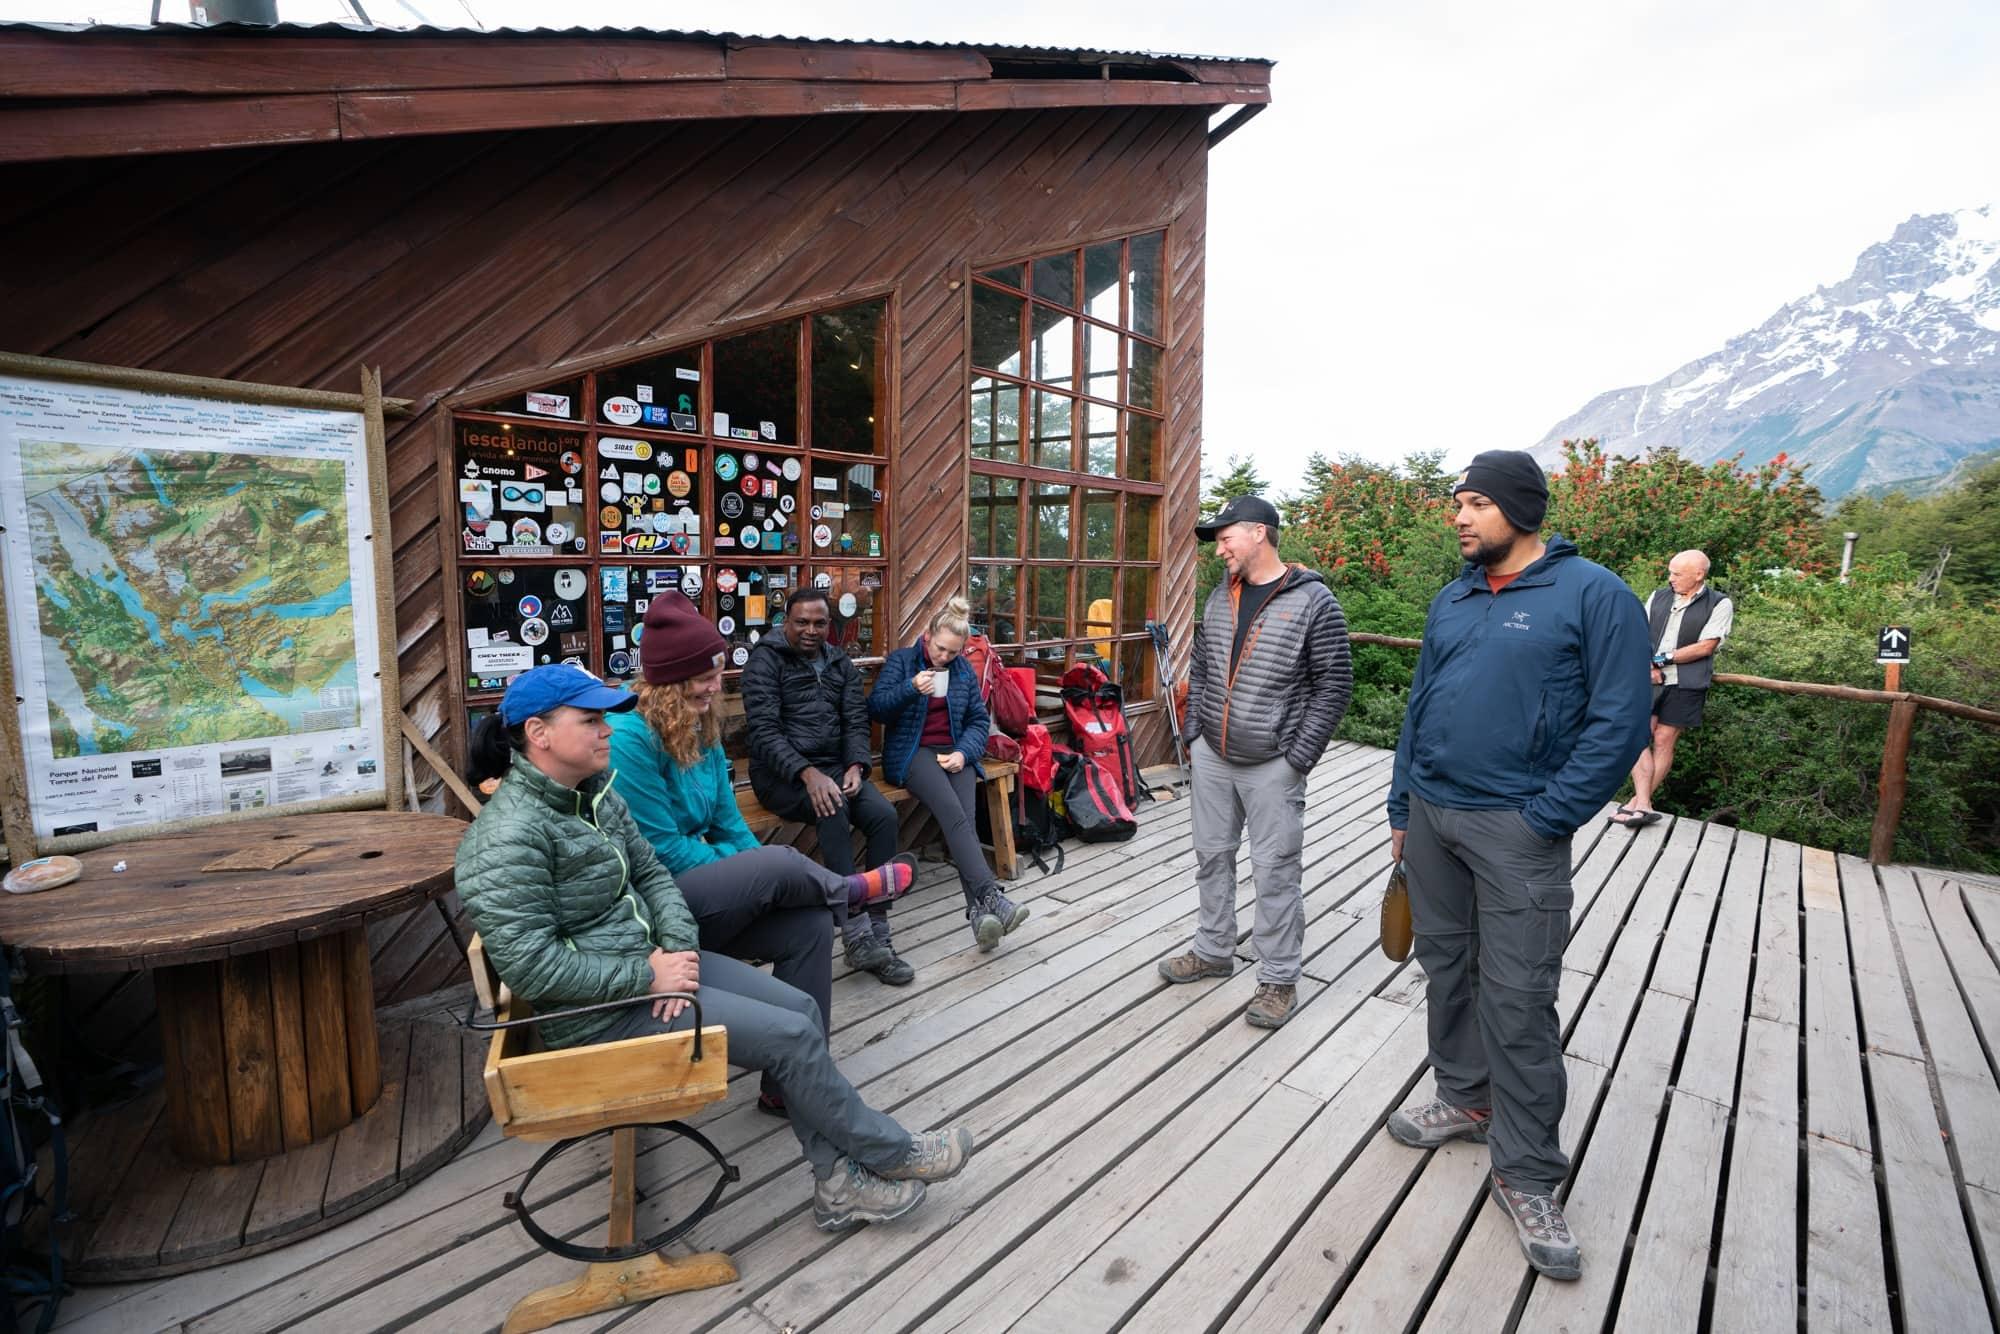 Refugio Los Cuernos on the W Trek in Patagonia